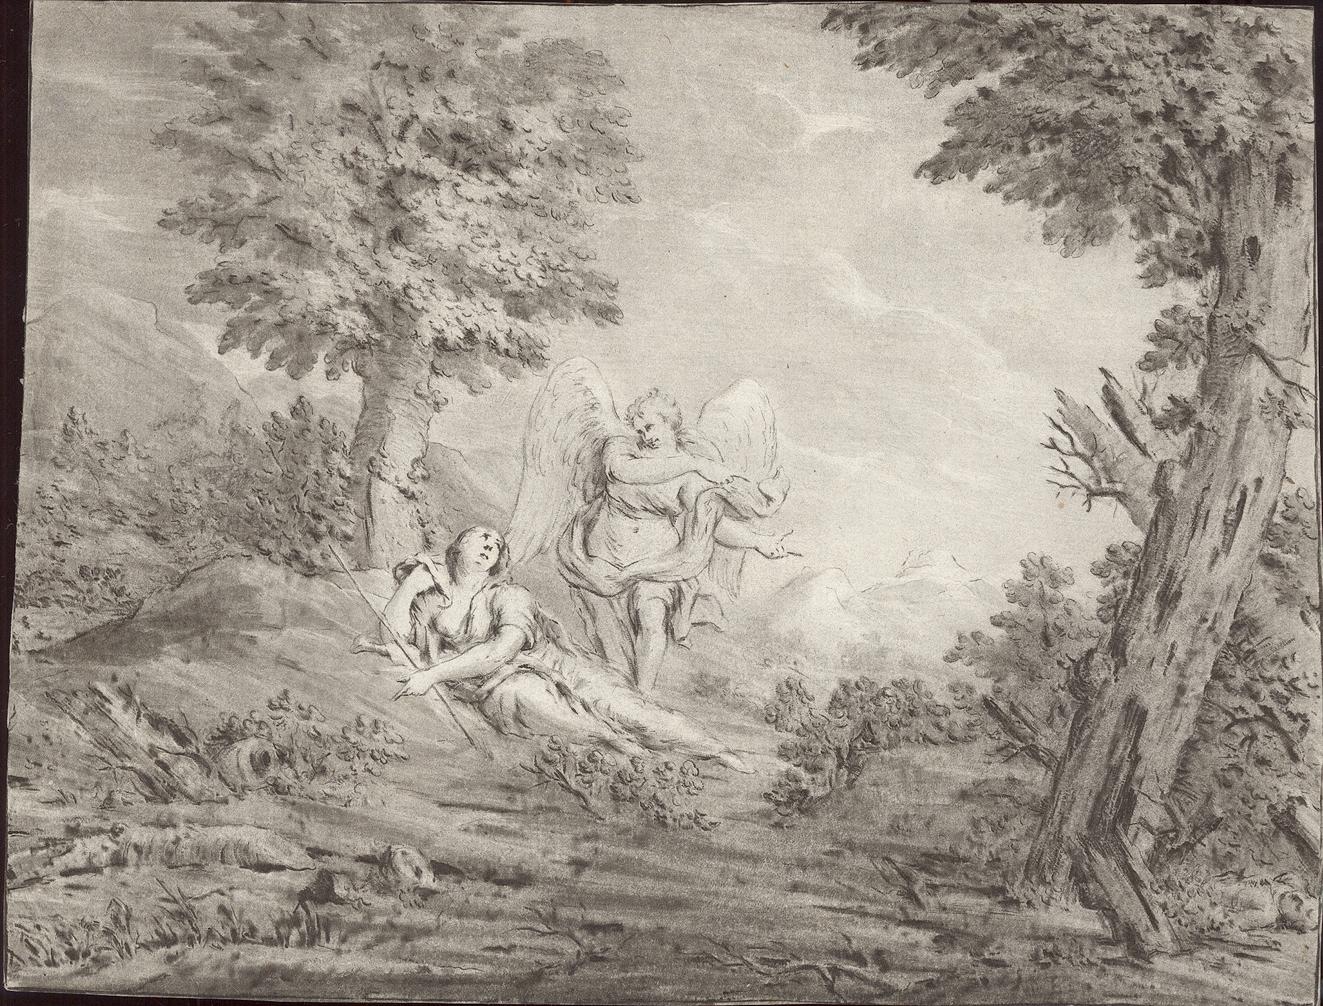 De engel wijst Hagar de bron in de wildernis